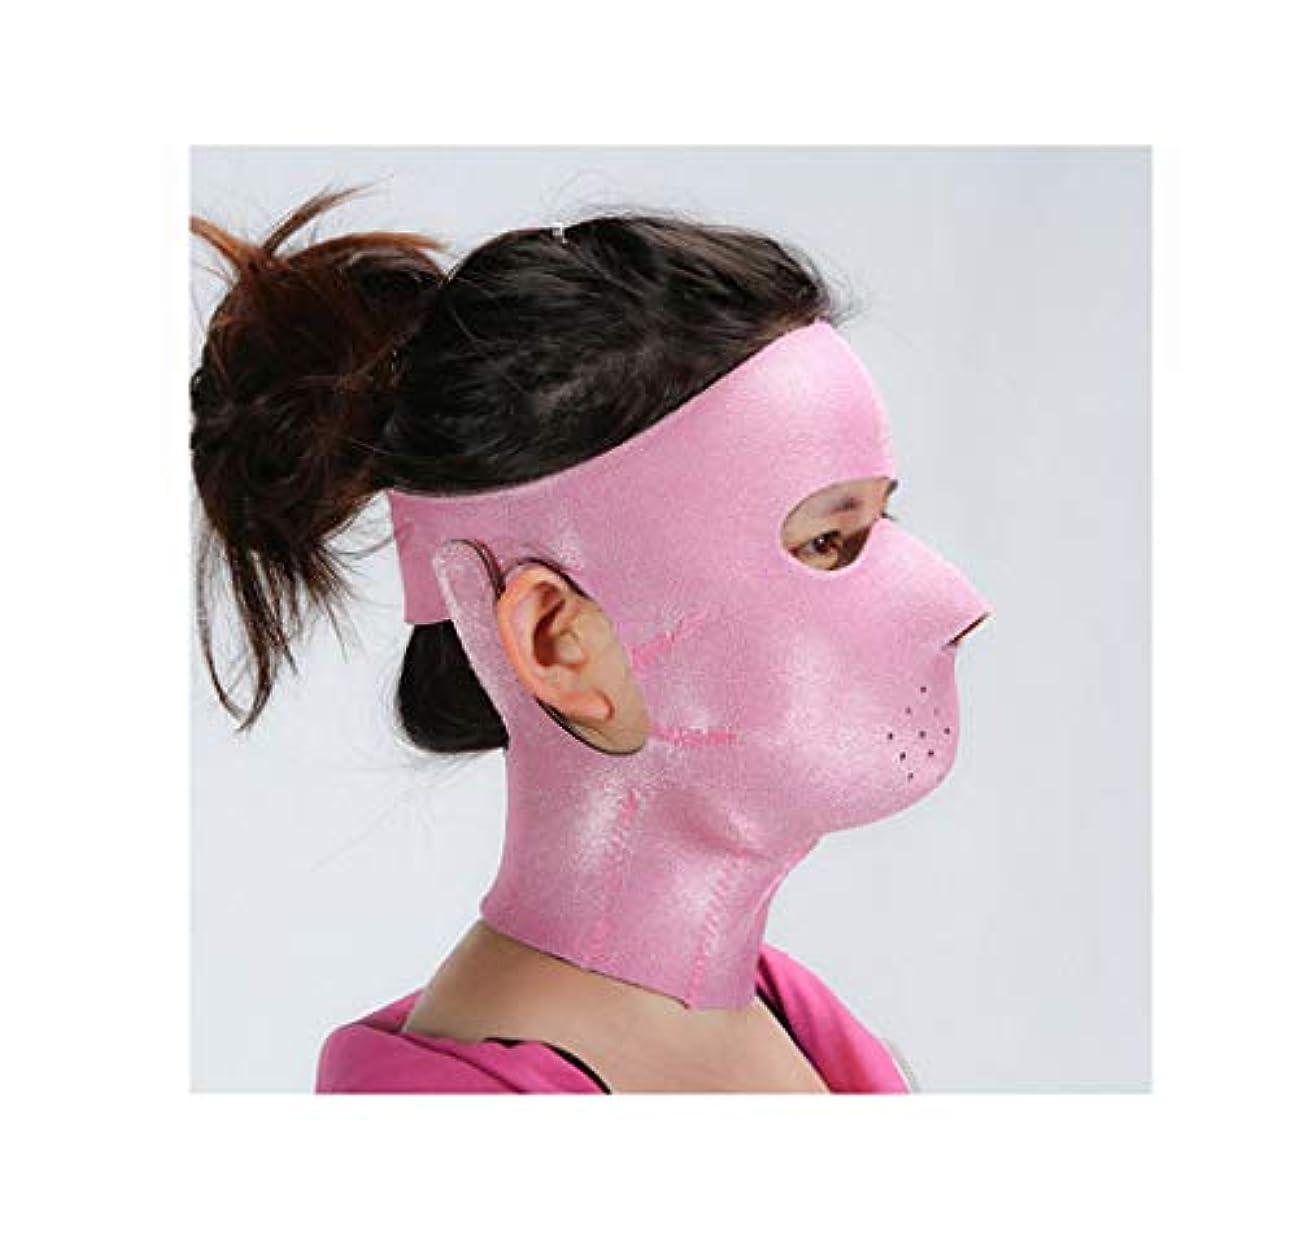 フォージつかの間怒るフェイスリフトマスク、フェイシャルマスクプラス薄いフェイスマスクタイトアンチたるみシンフェイスマスクフェイシャル薄いフェイスマスクアーティファクトビューティーネックストラップ付き